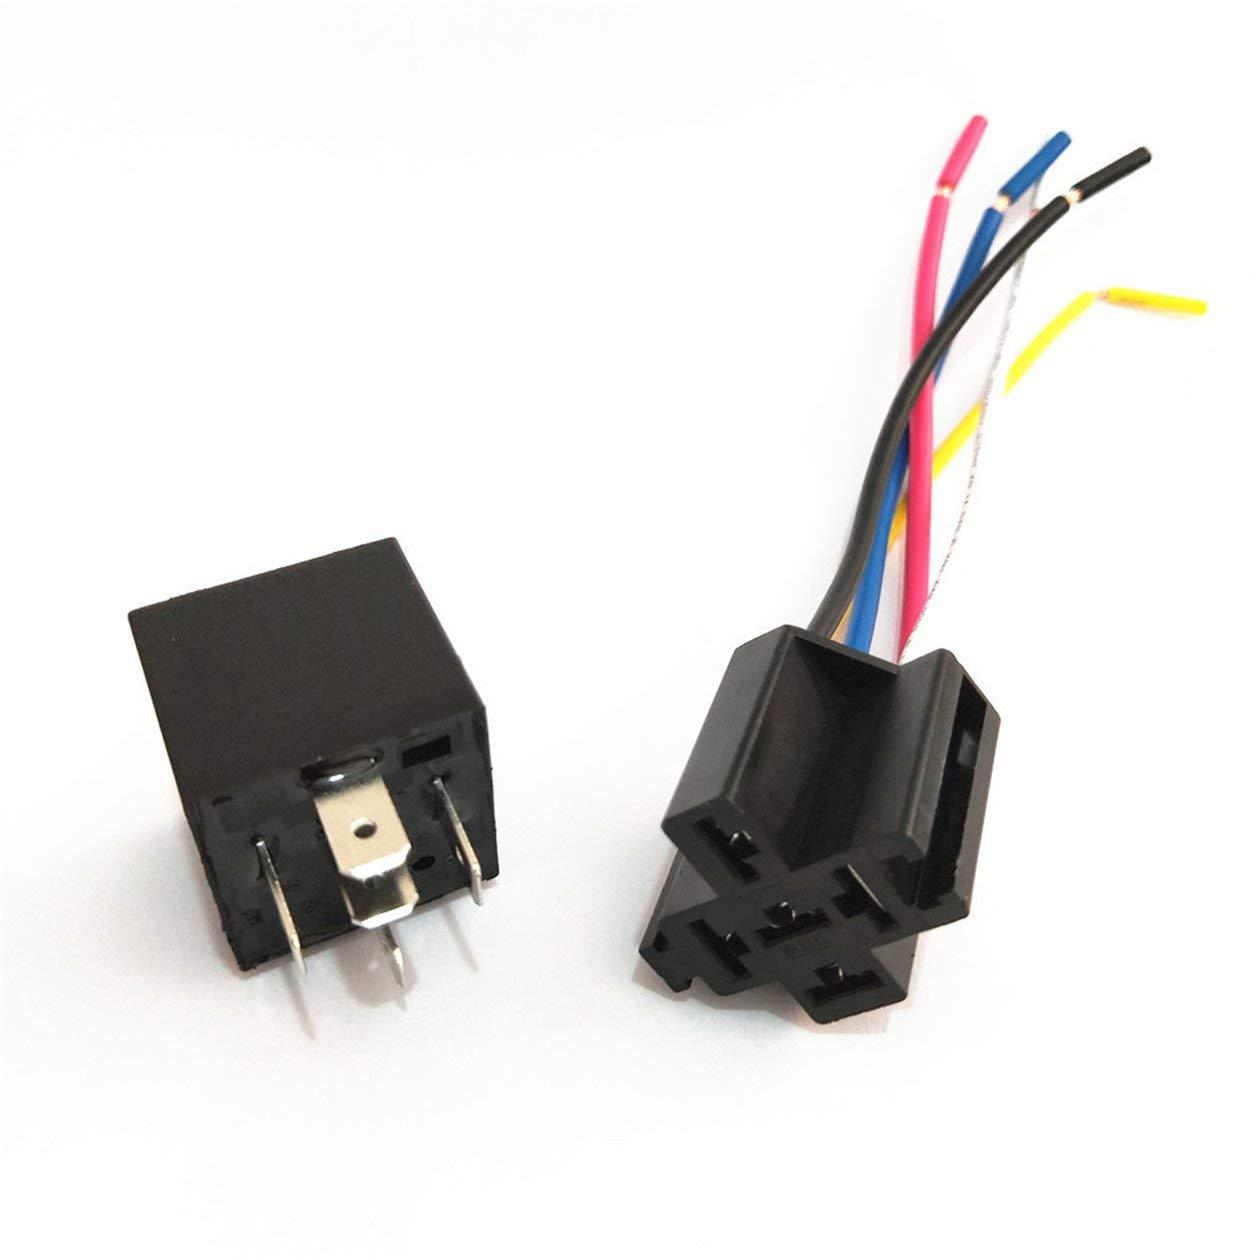 Rel/è automatici per auto DC12V 40A Presa per auto integrata impermeabile a 4 pin per molte applicazioni elettroniche per auto colore: nero